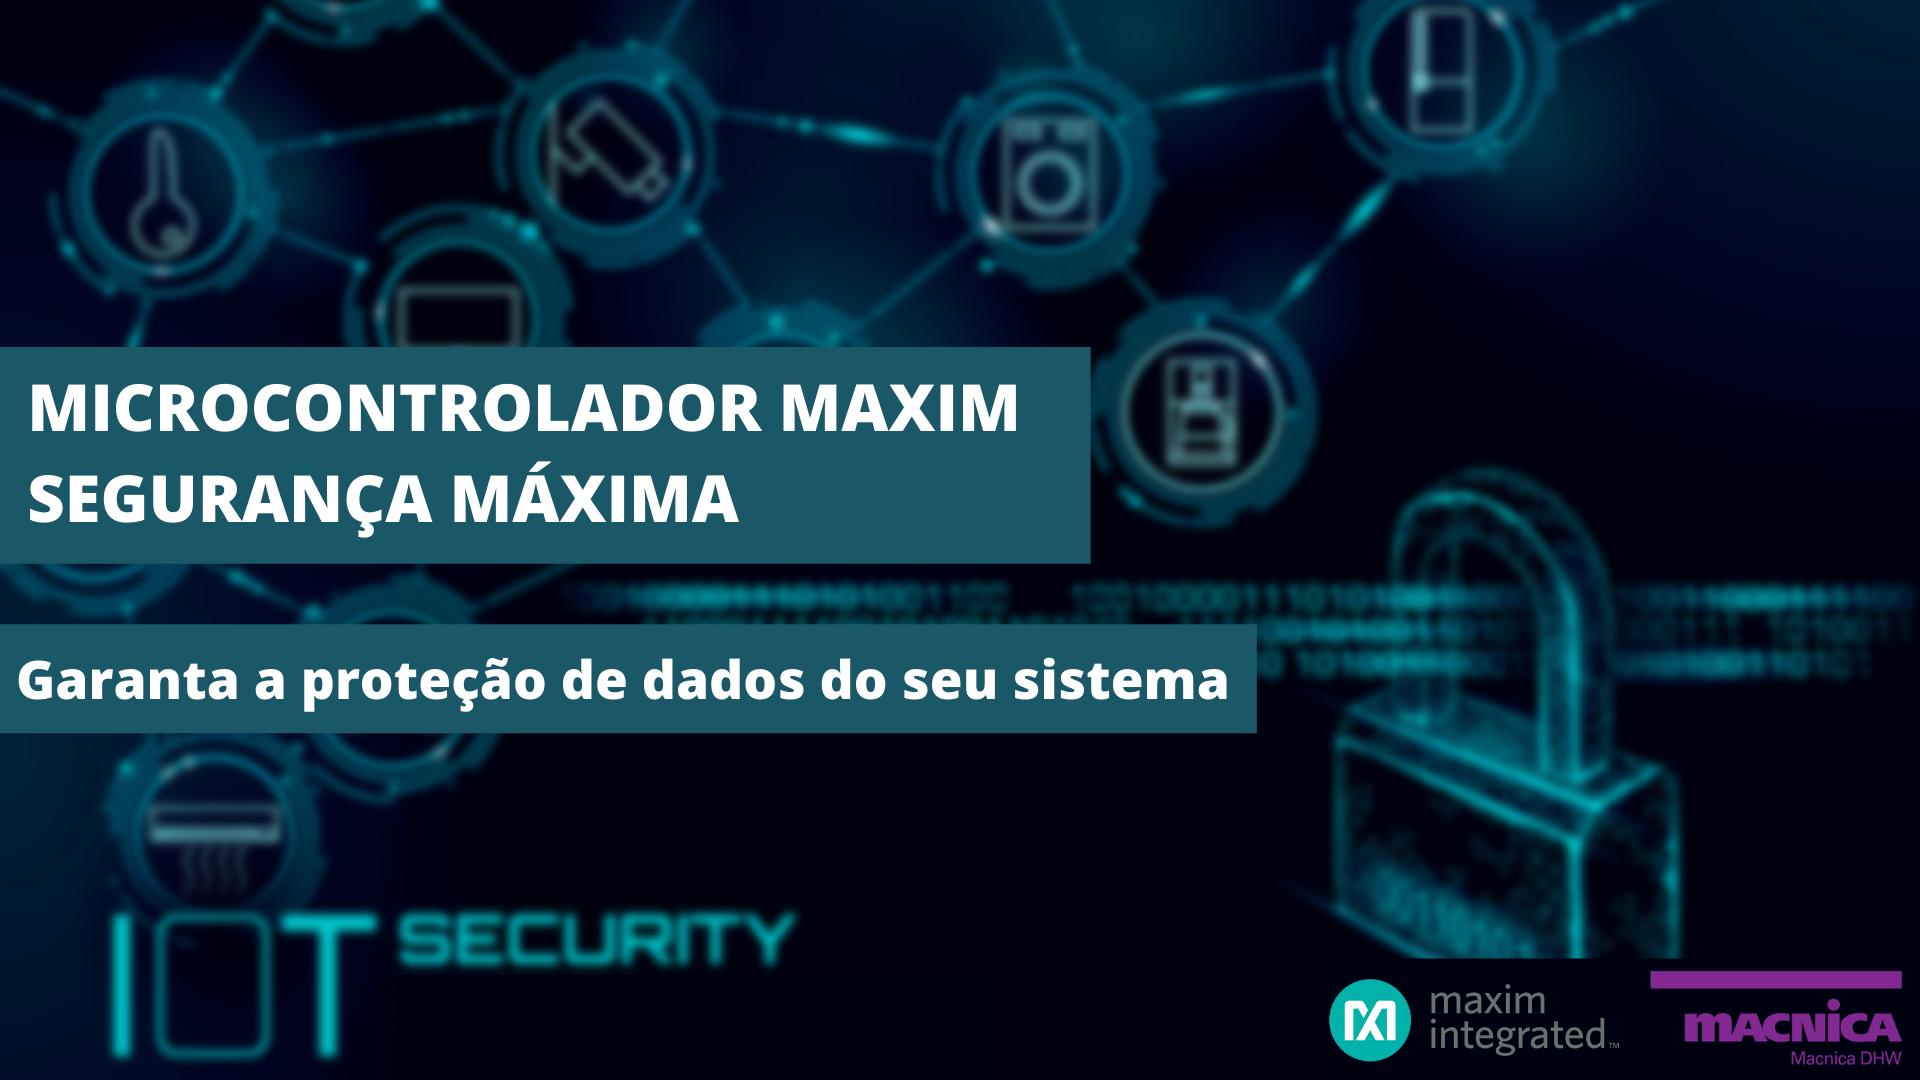 Garanta a proteção de dados do seu sistema